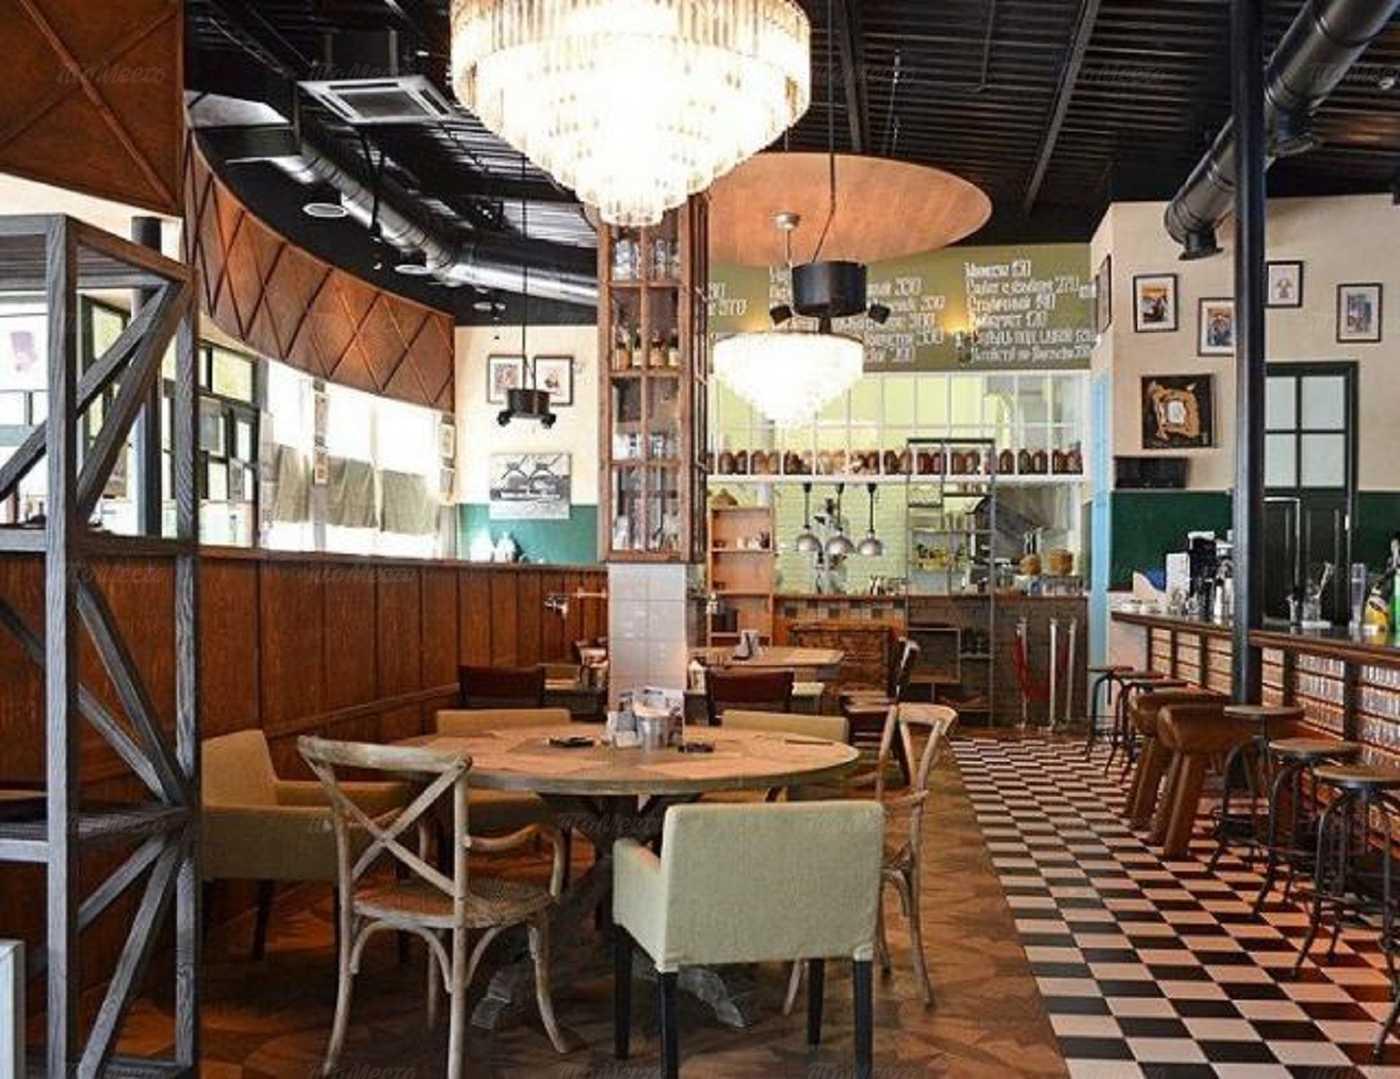 Ресторан Валерий Чкалов на Социалистической улице